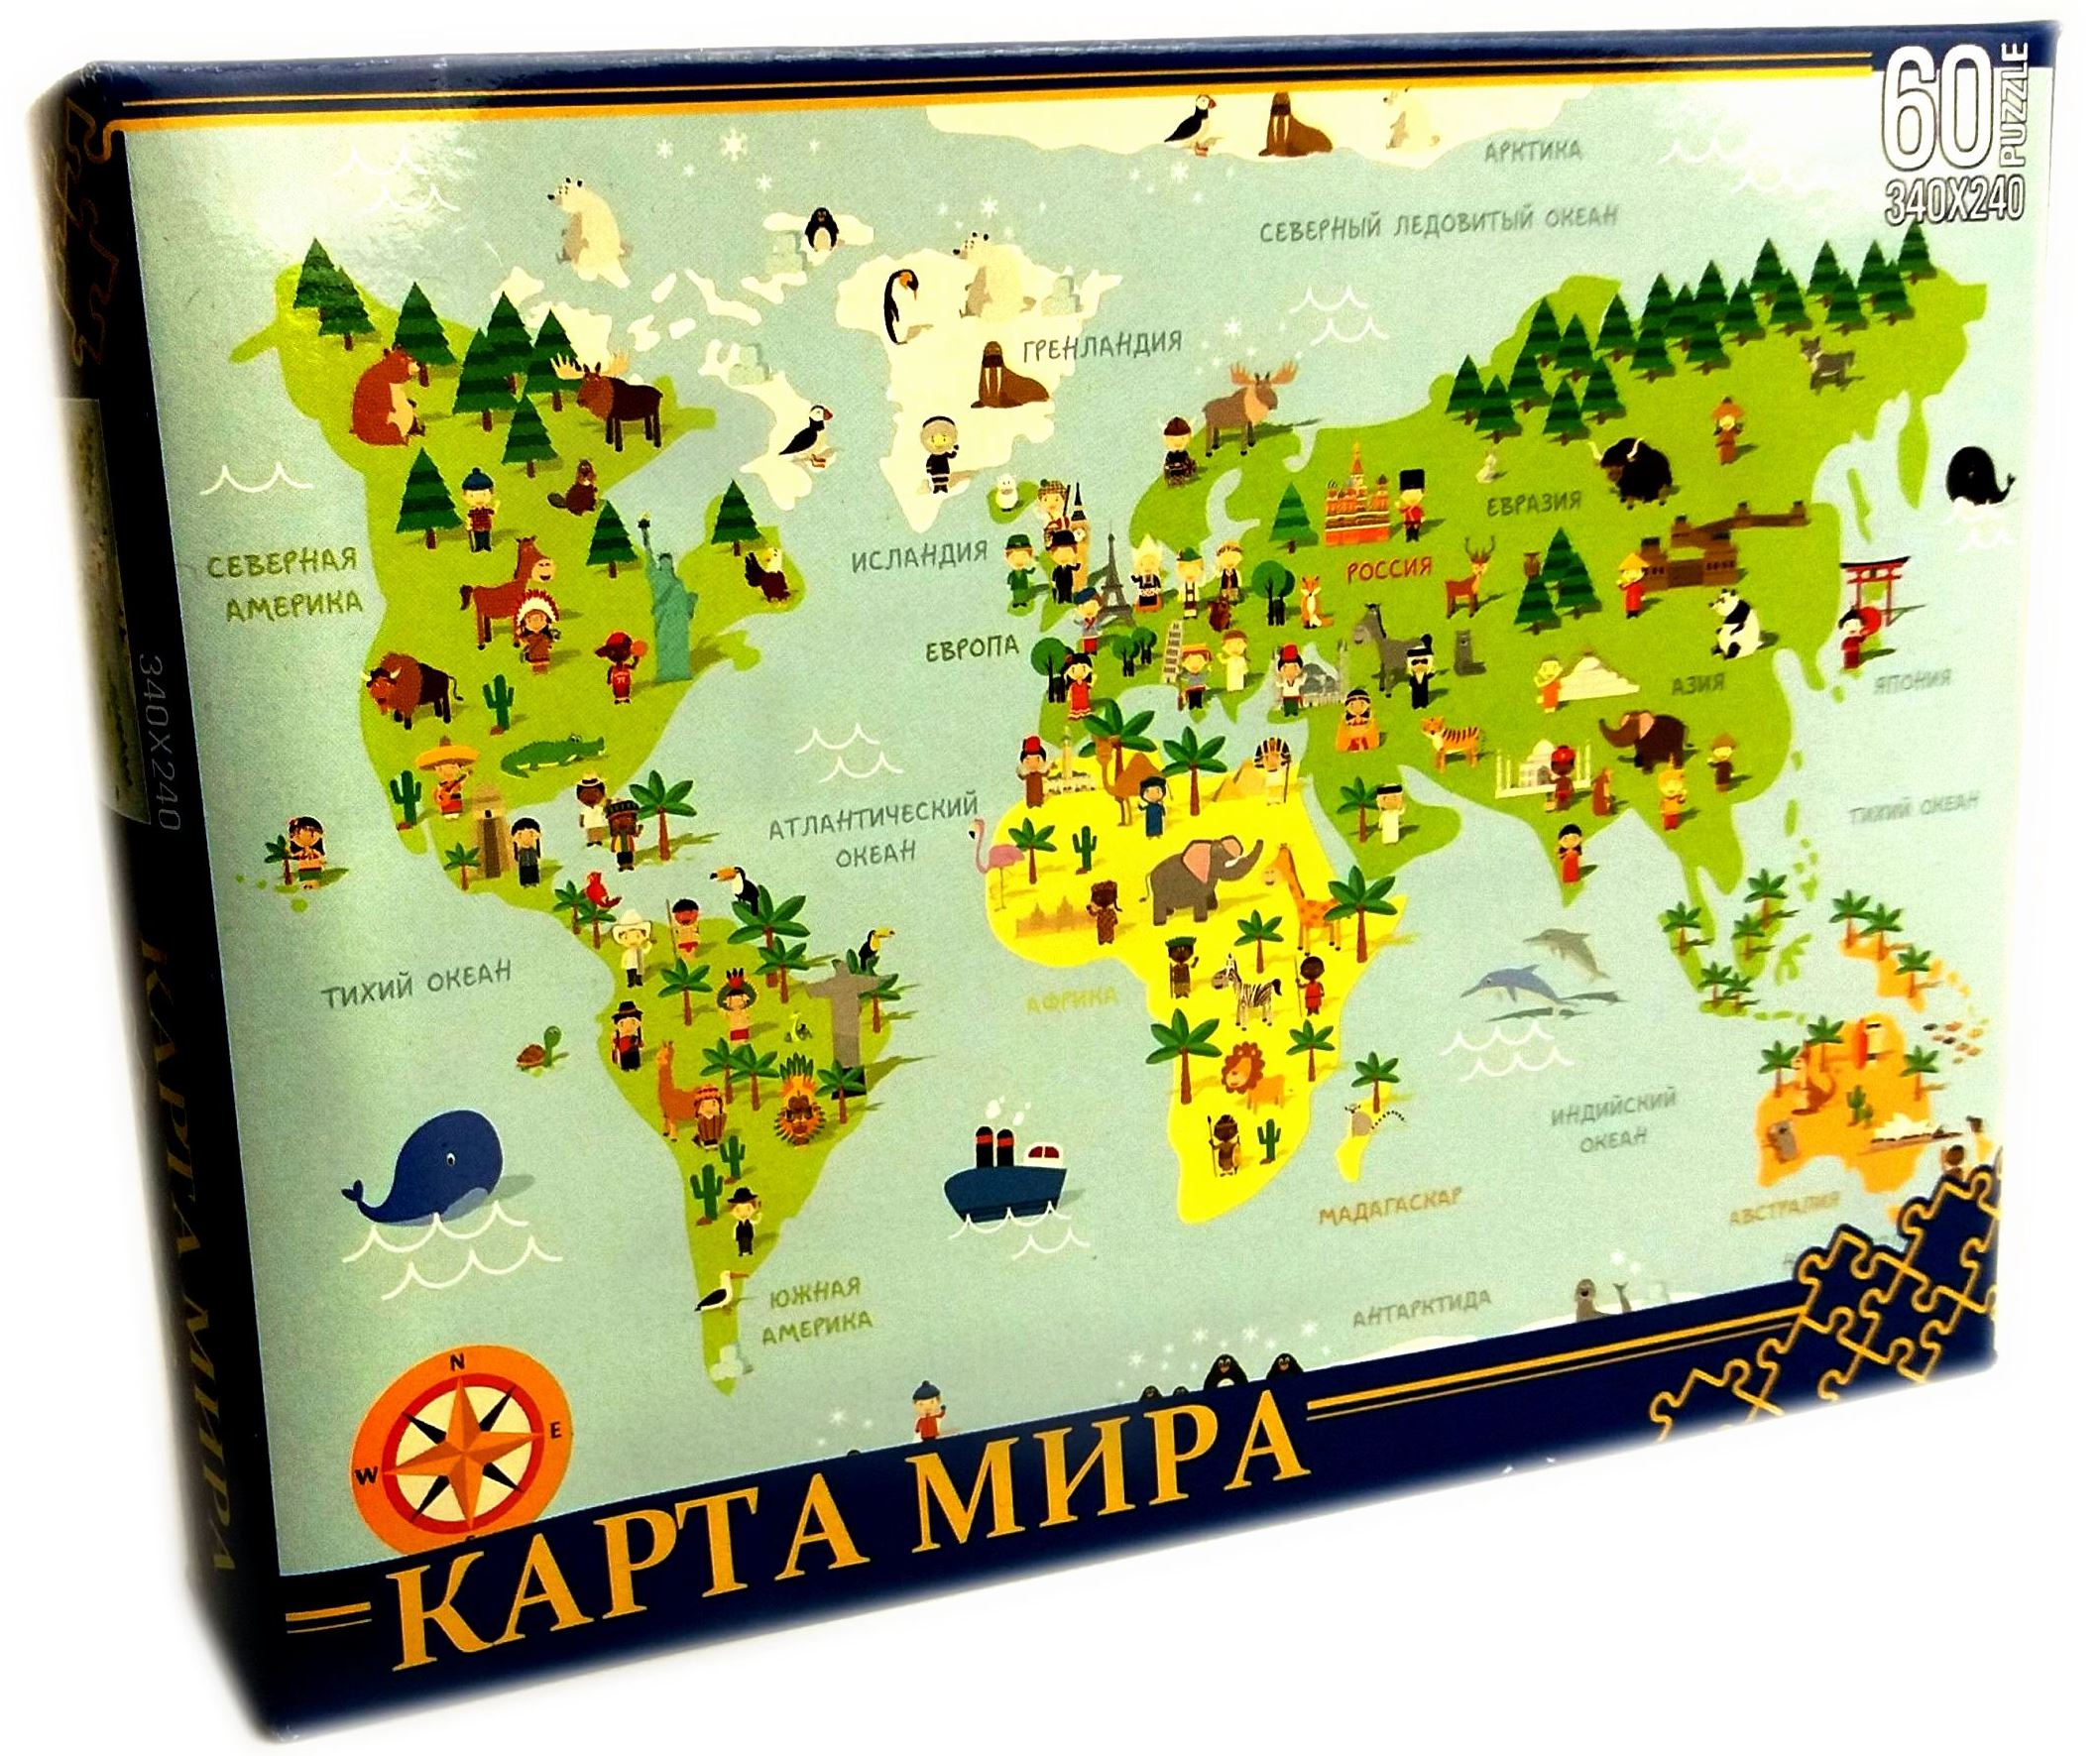 ПАЗЛЫ 60 элементов. Карта мира - размер 34х24см